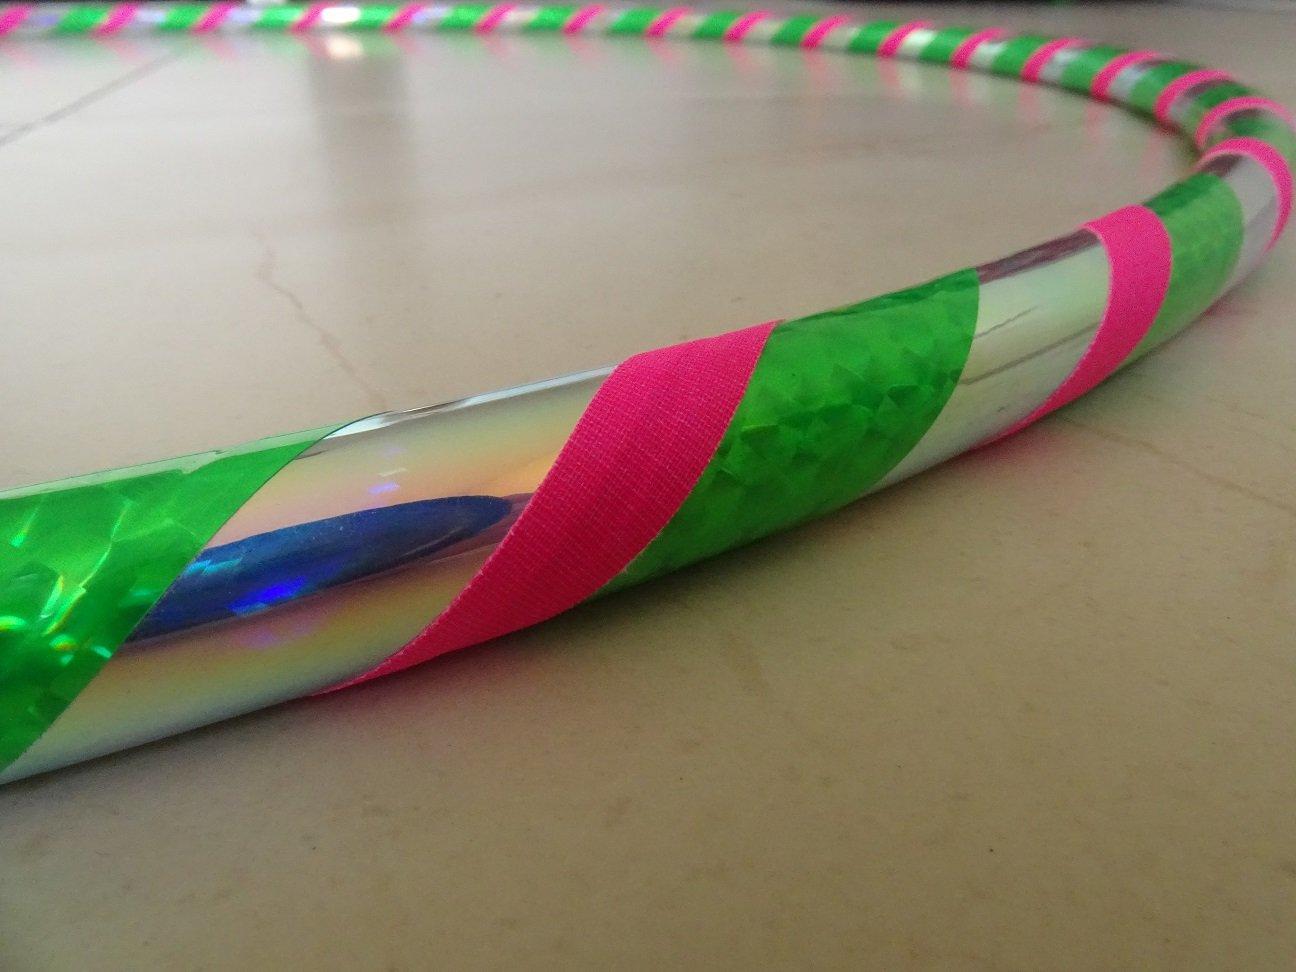 חישוק הולה הופ- 3 צבעים